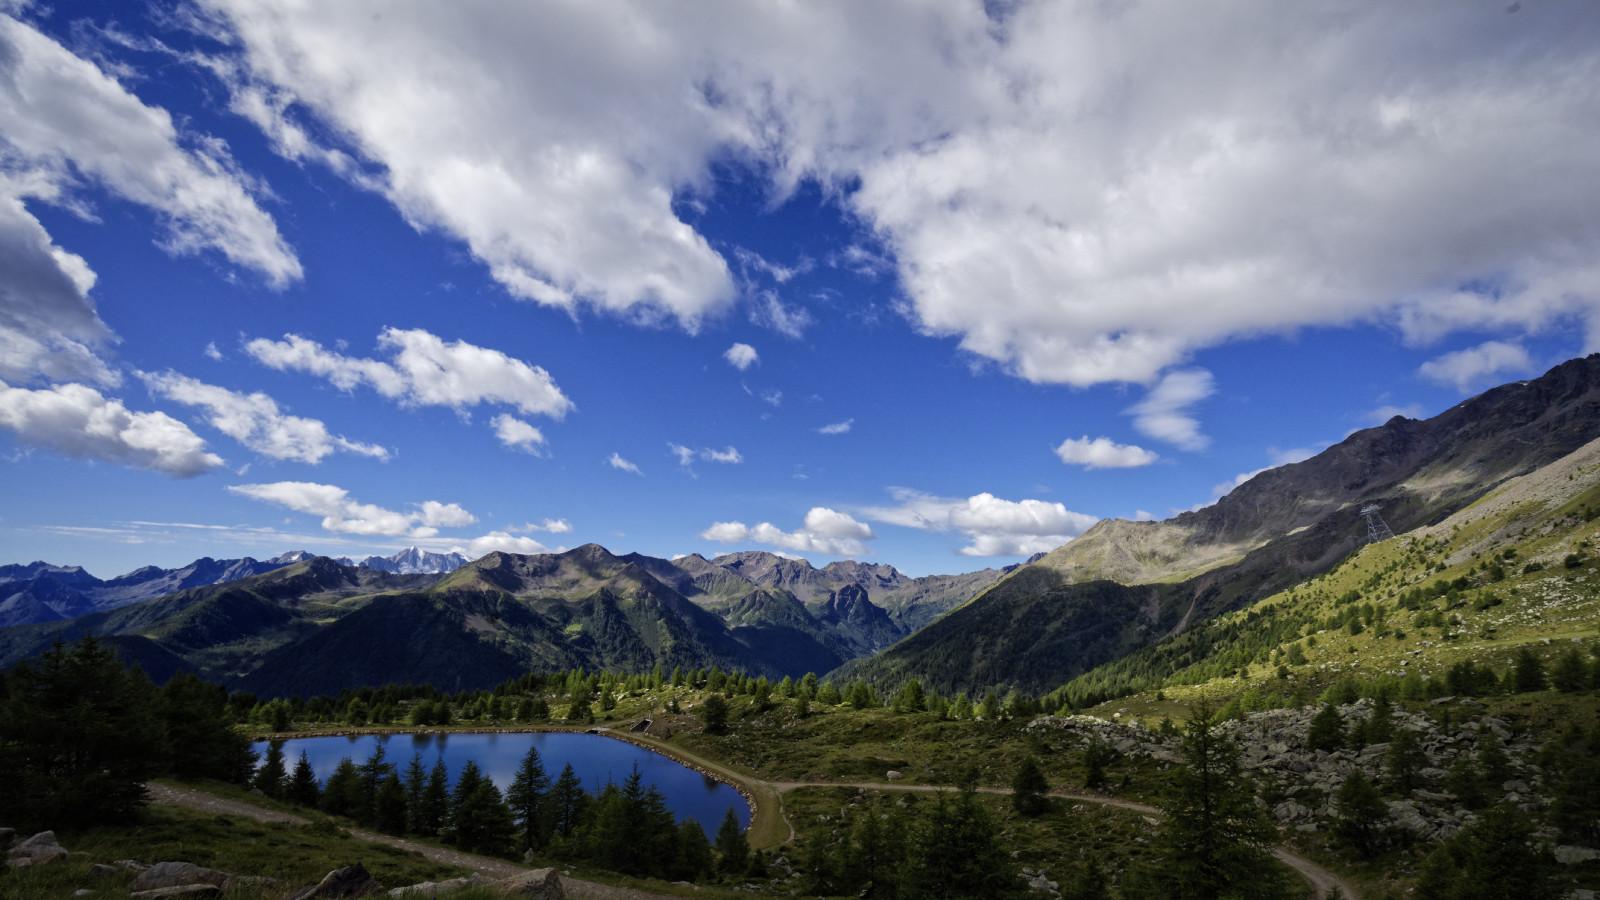 Trentino, July 2017